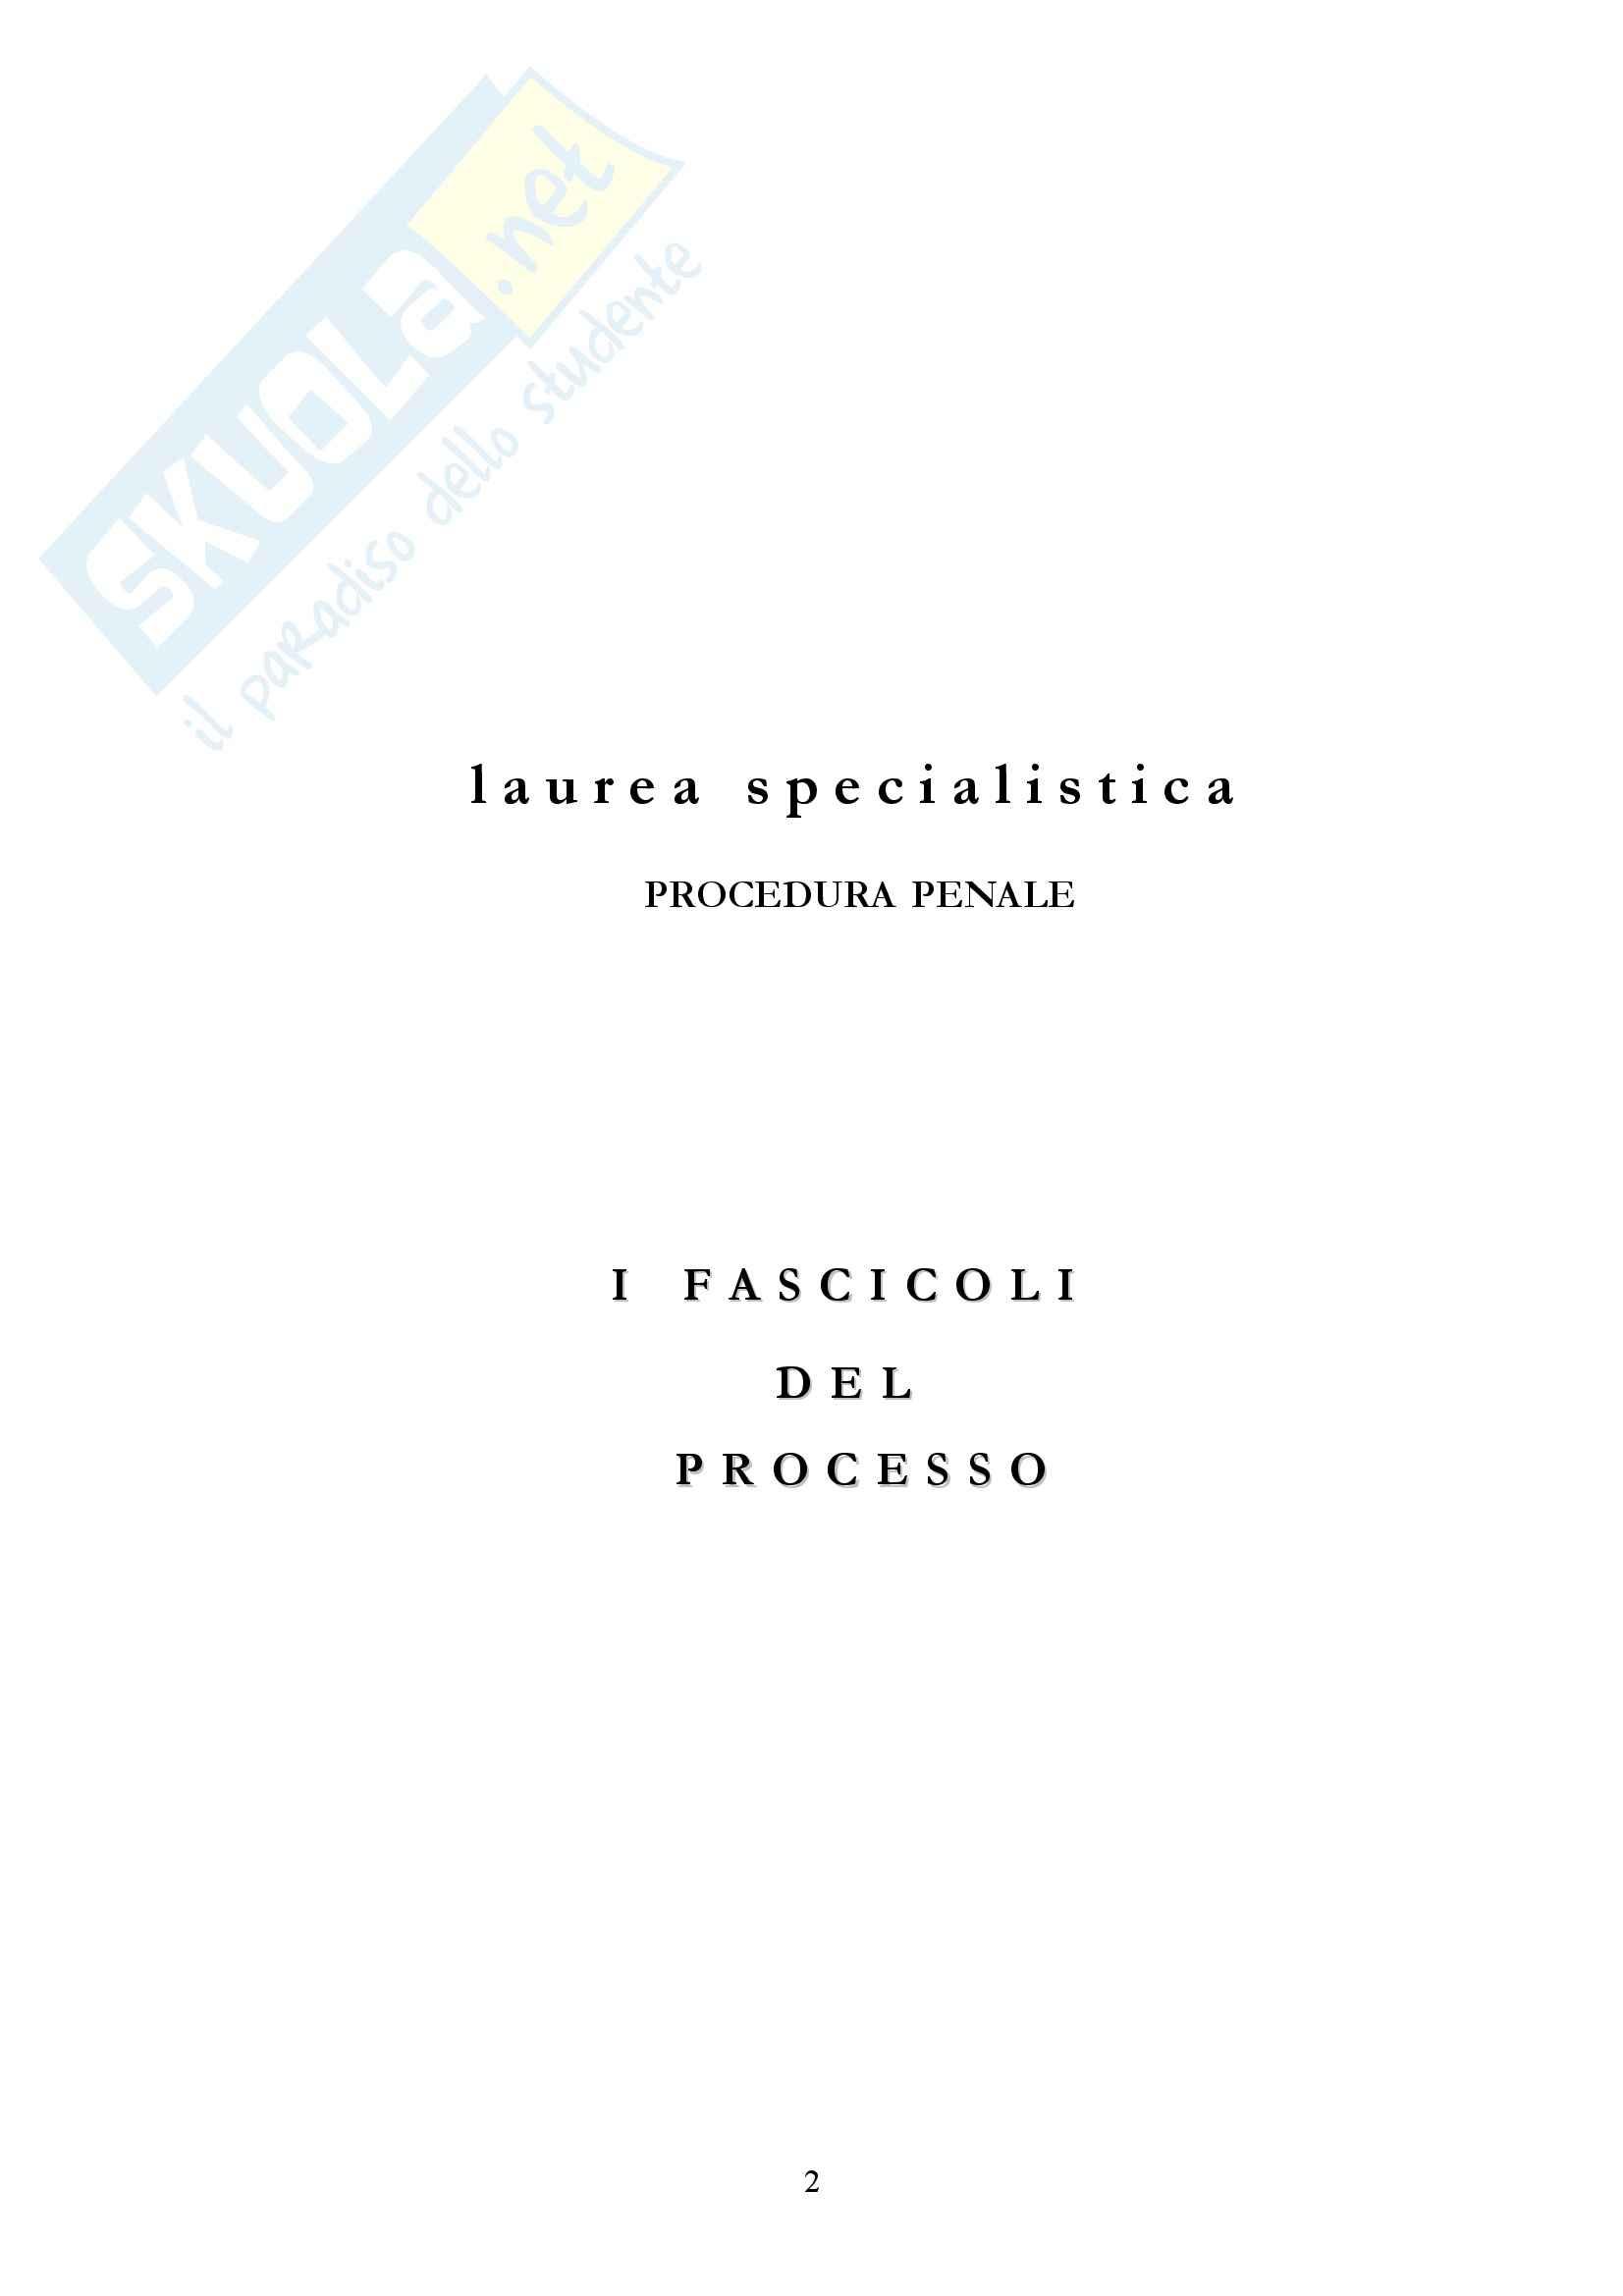 Diritto processuale penale - i fascicoli del processo penale